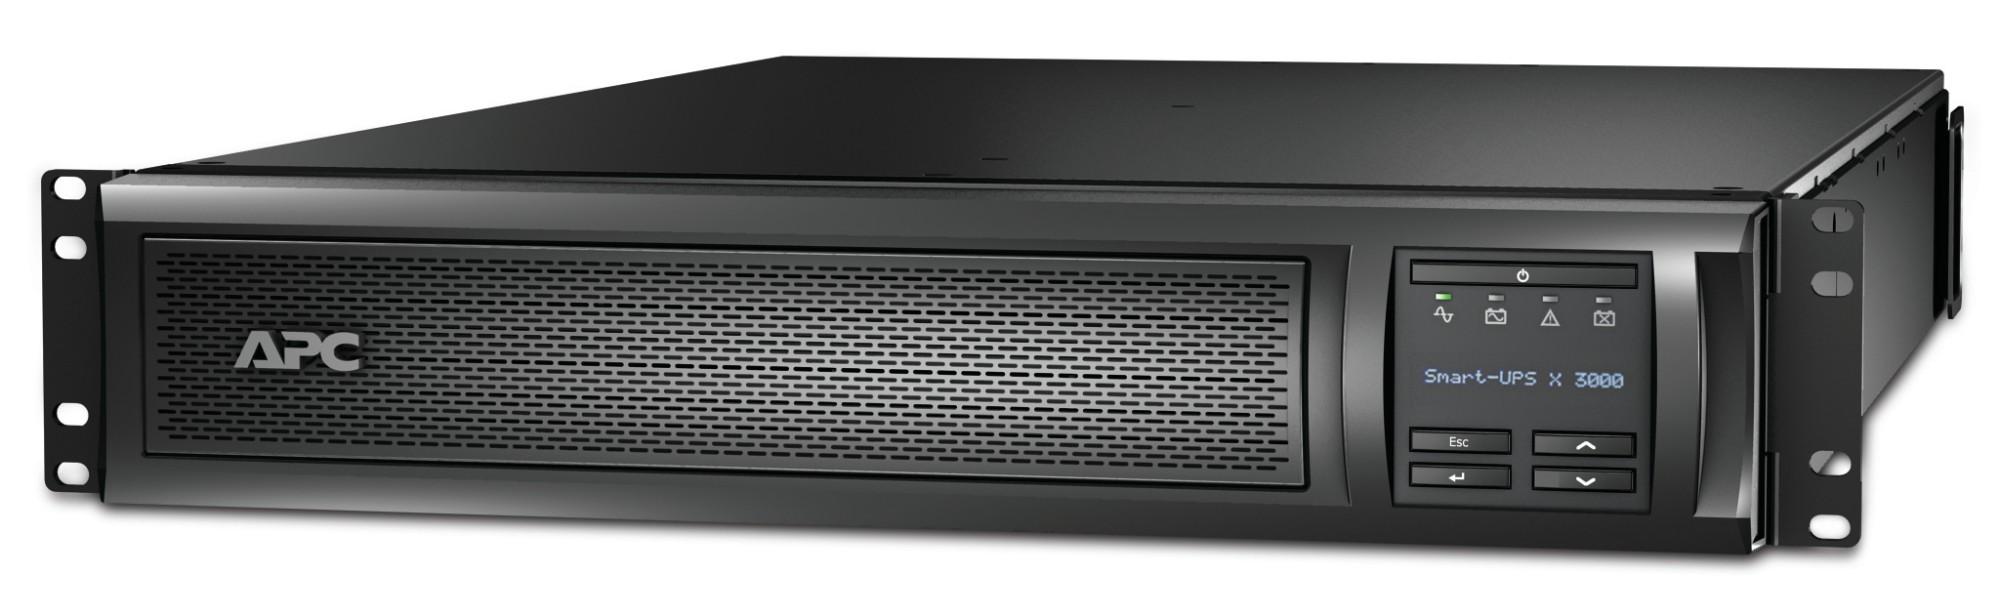 APC Smart-UPS sistema de alimentación ininterrumpida (UPS) Línea interactiva 3000 VA 2700 W 9 salidas AC